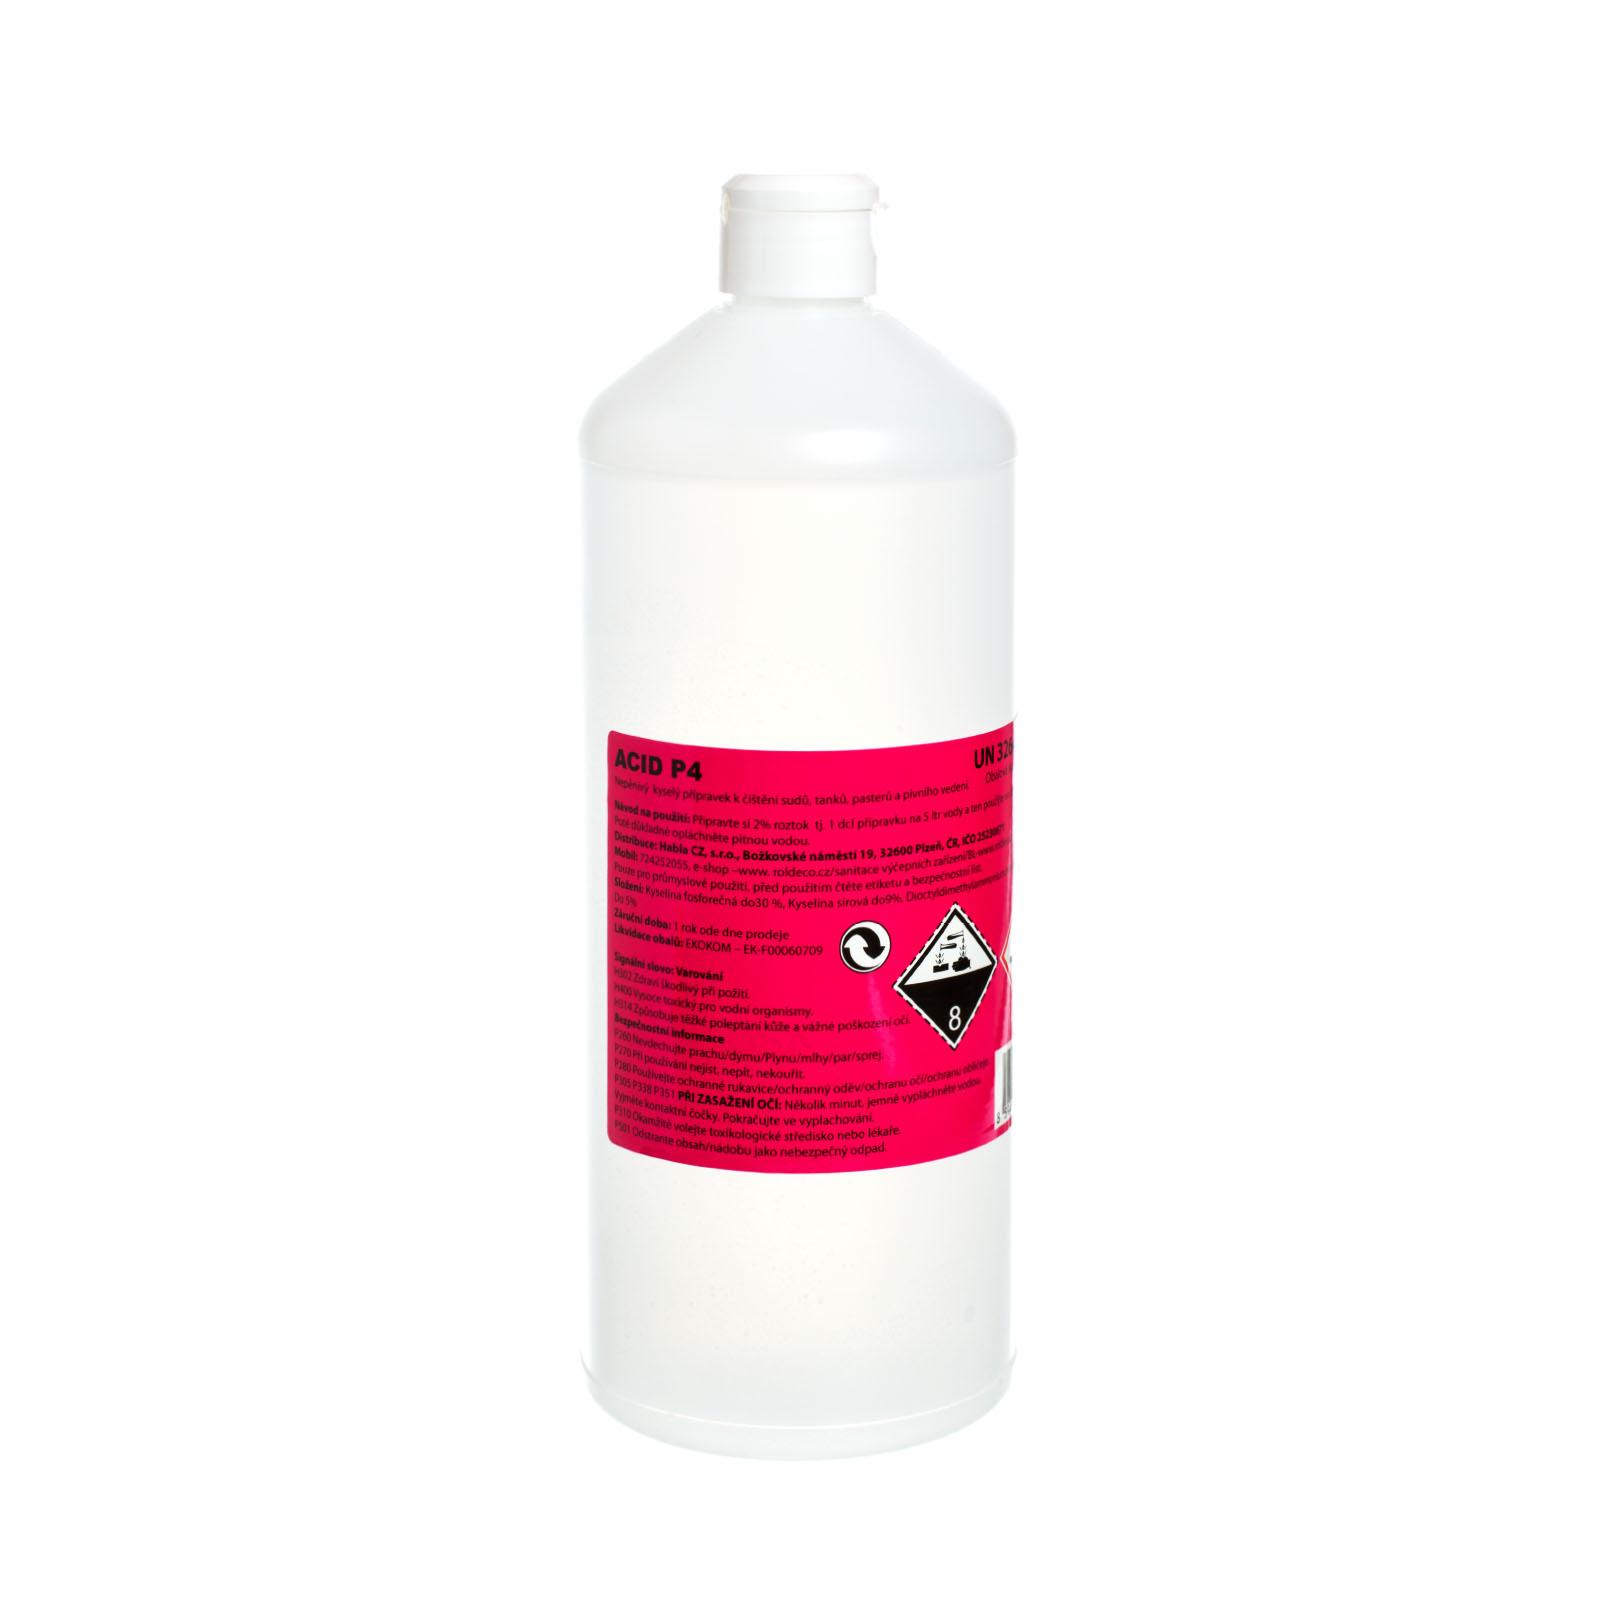 Primusol Acid P4 - balení 1 kg